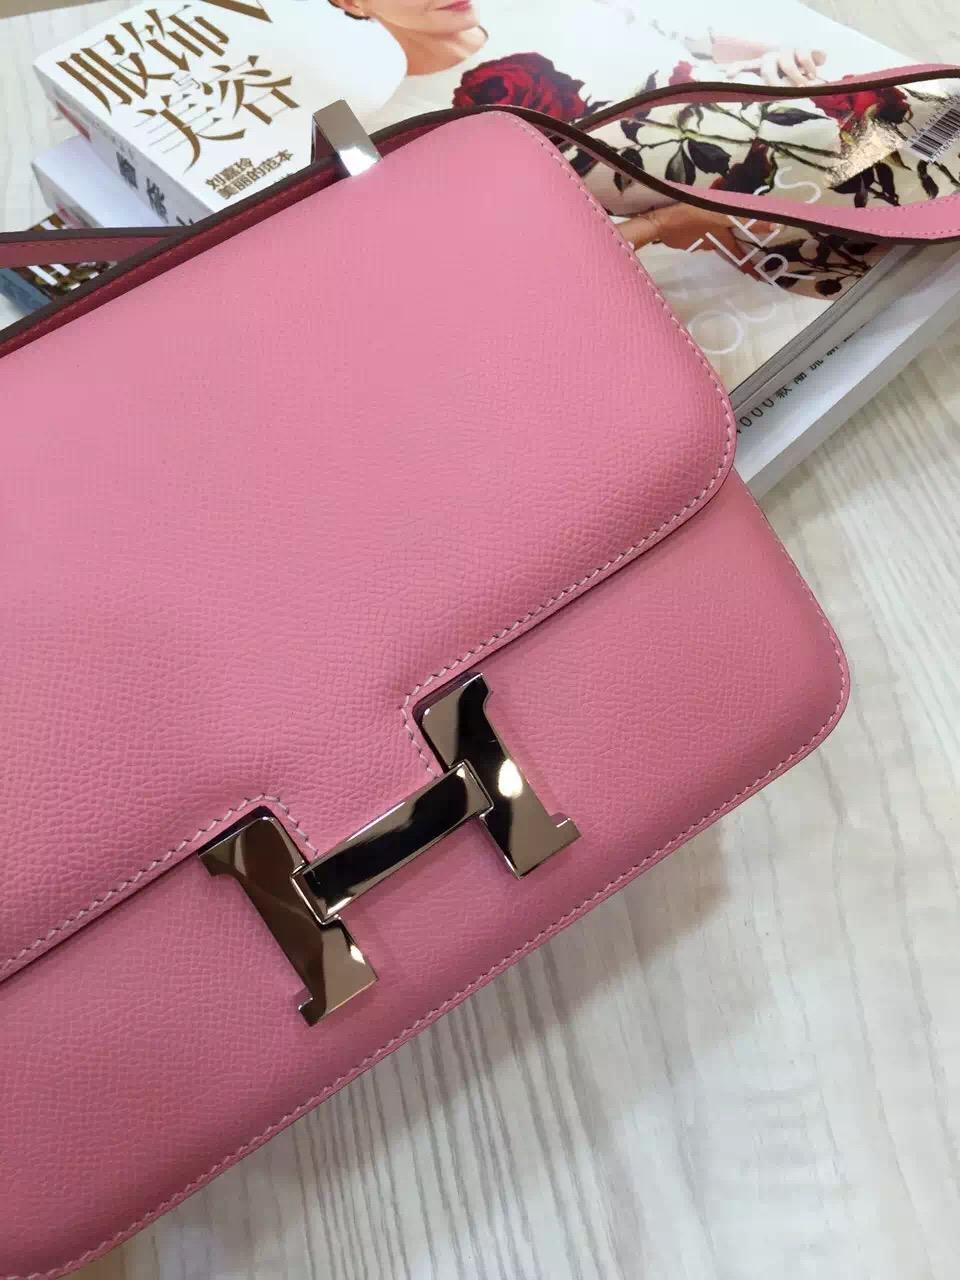 Discount Hermes Pink Epsom Leather Constance Bag 24CM Ladies' Shoulder Bag